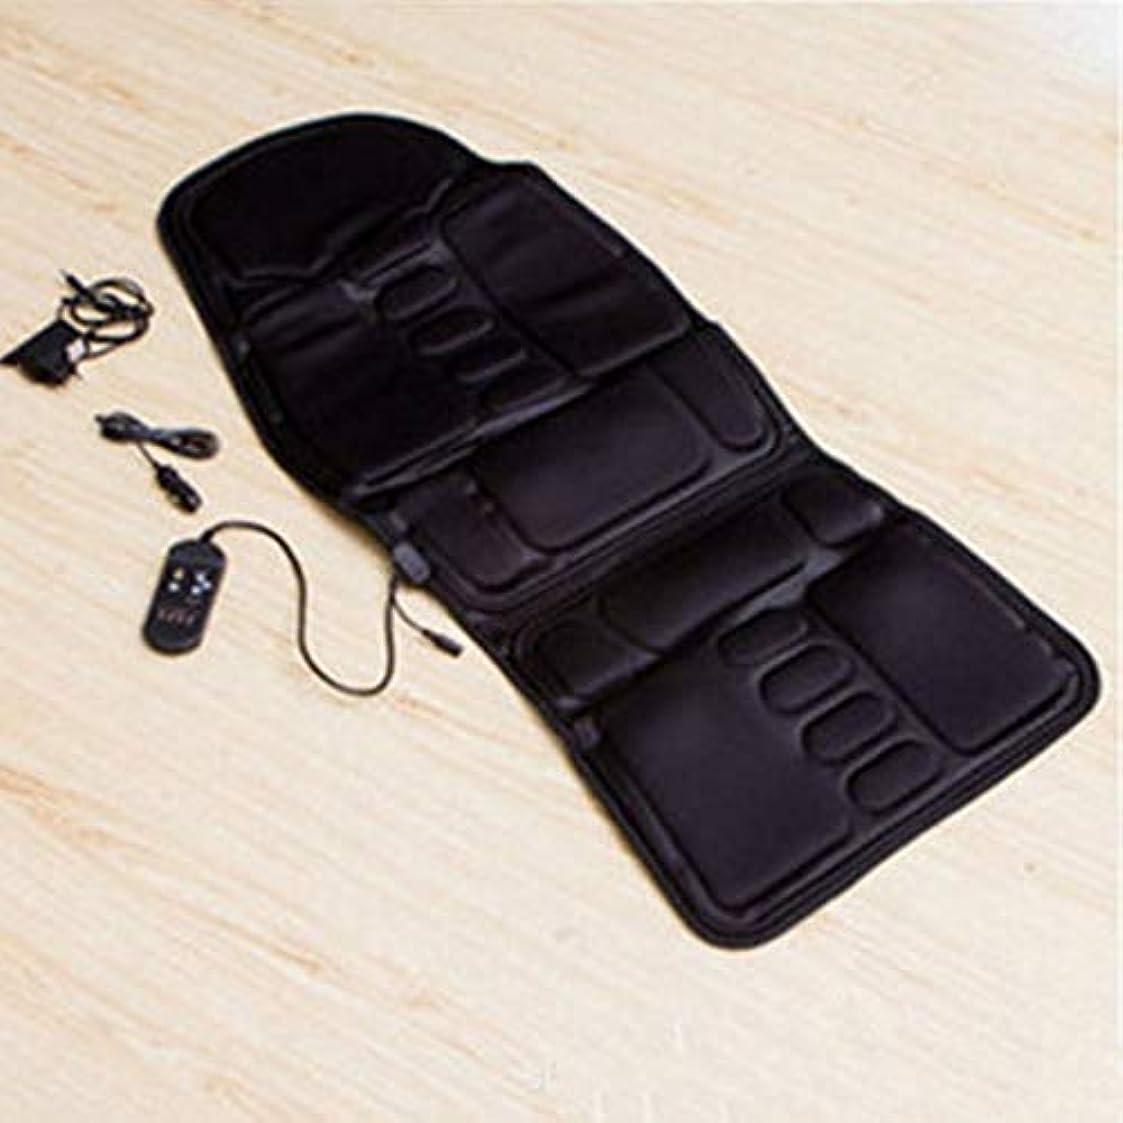 劣る中国視力Car Chair Home Seat Heat Cushion Back Neck Waist Body Electric Multifunctional Chair Massage Pad Back Massager